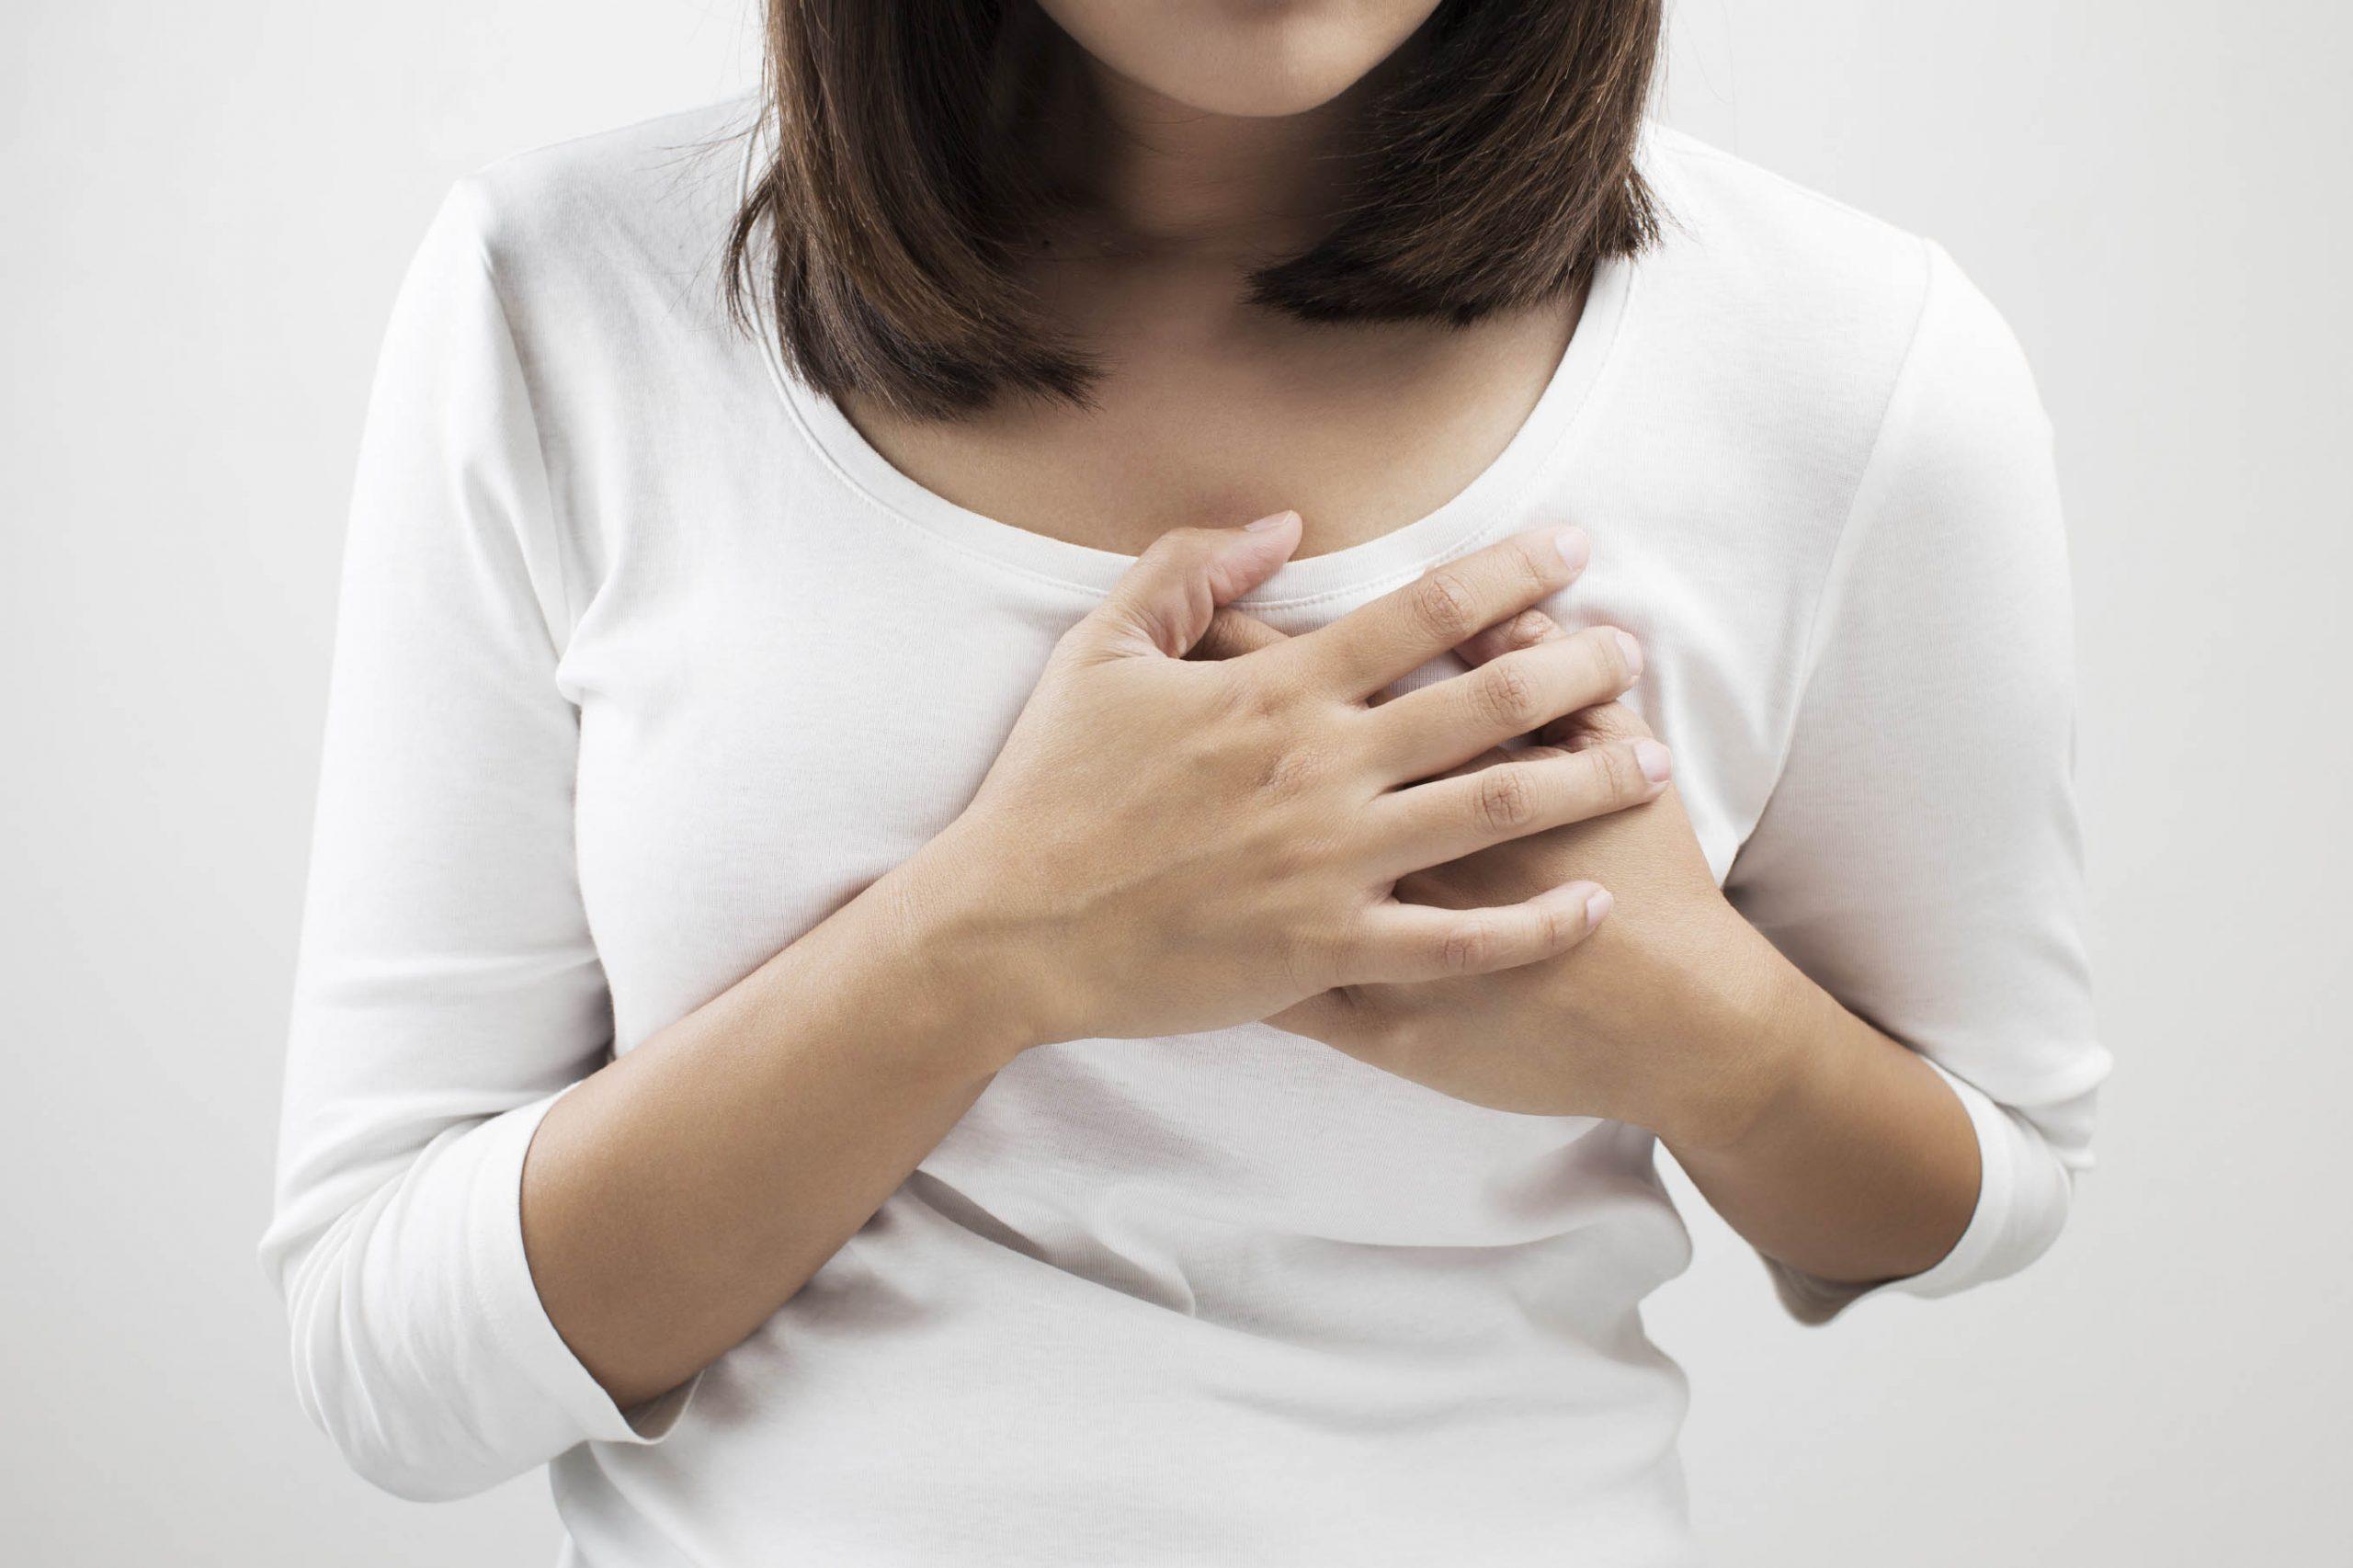 خروج حليب من الثدي في الشهر الأول من الحمل وهل يؤثر على لبن الرضاعة زيادة